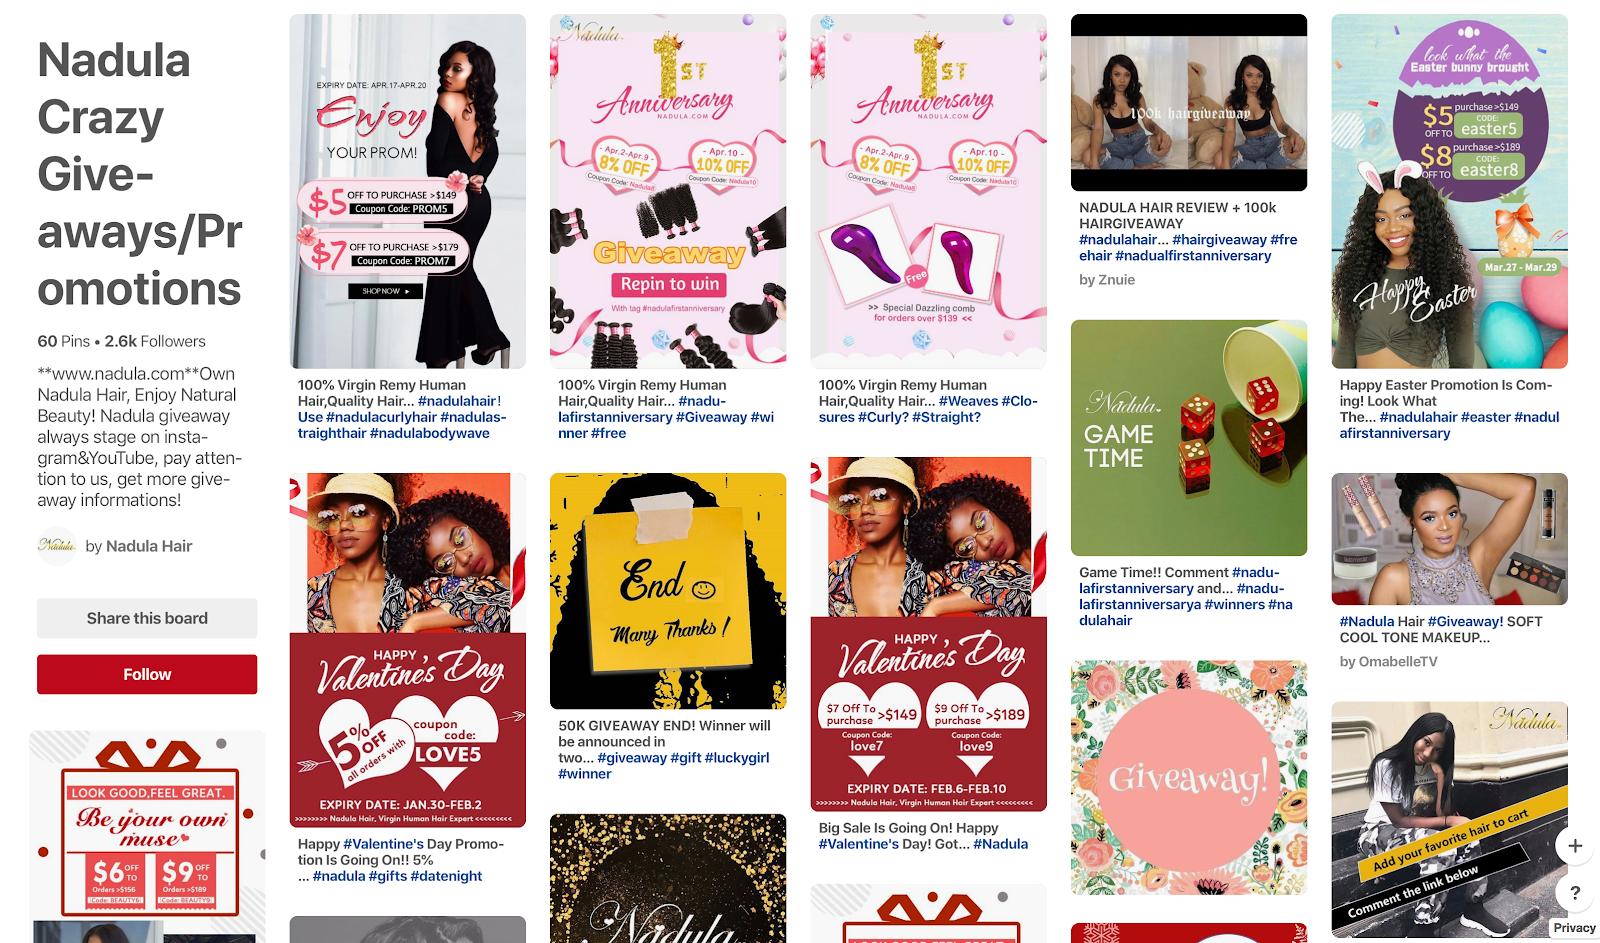 Nadula's Pinterest page